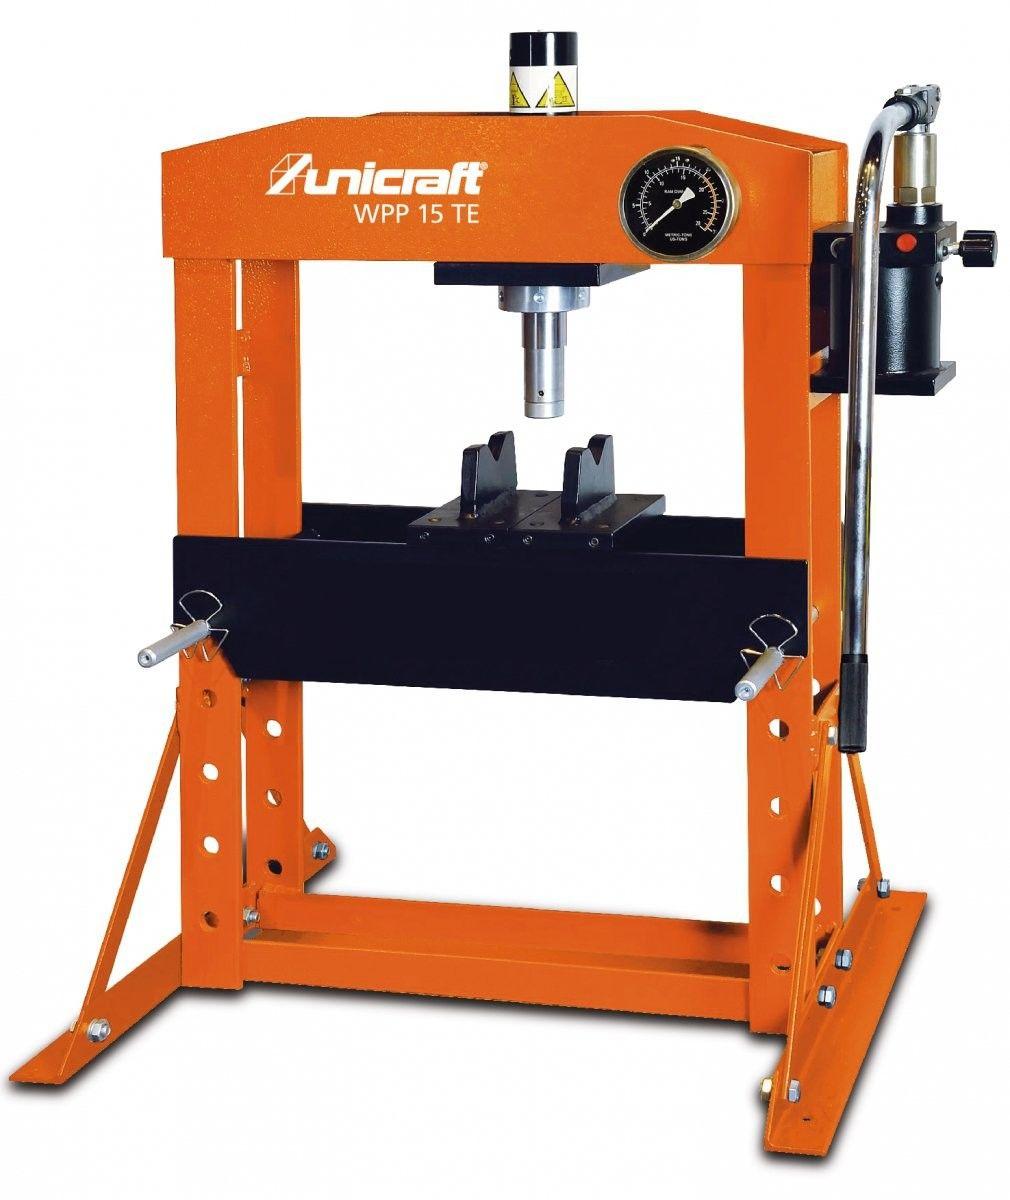 Hydrauliczna prasa warsztatowa Unicraft WPP 15 TE